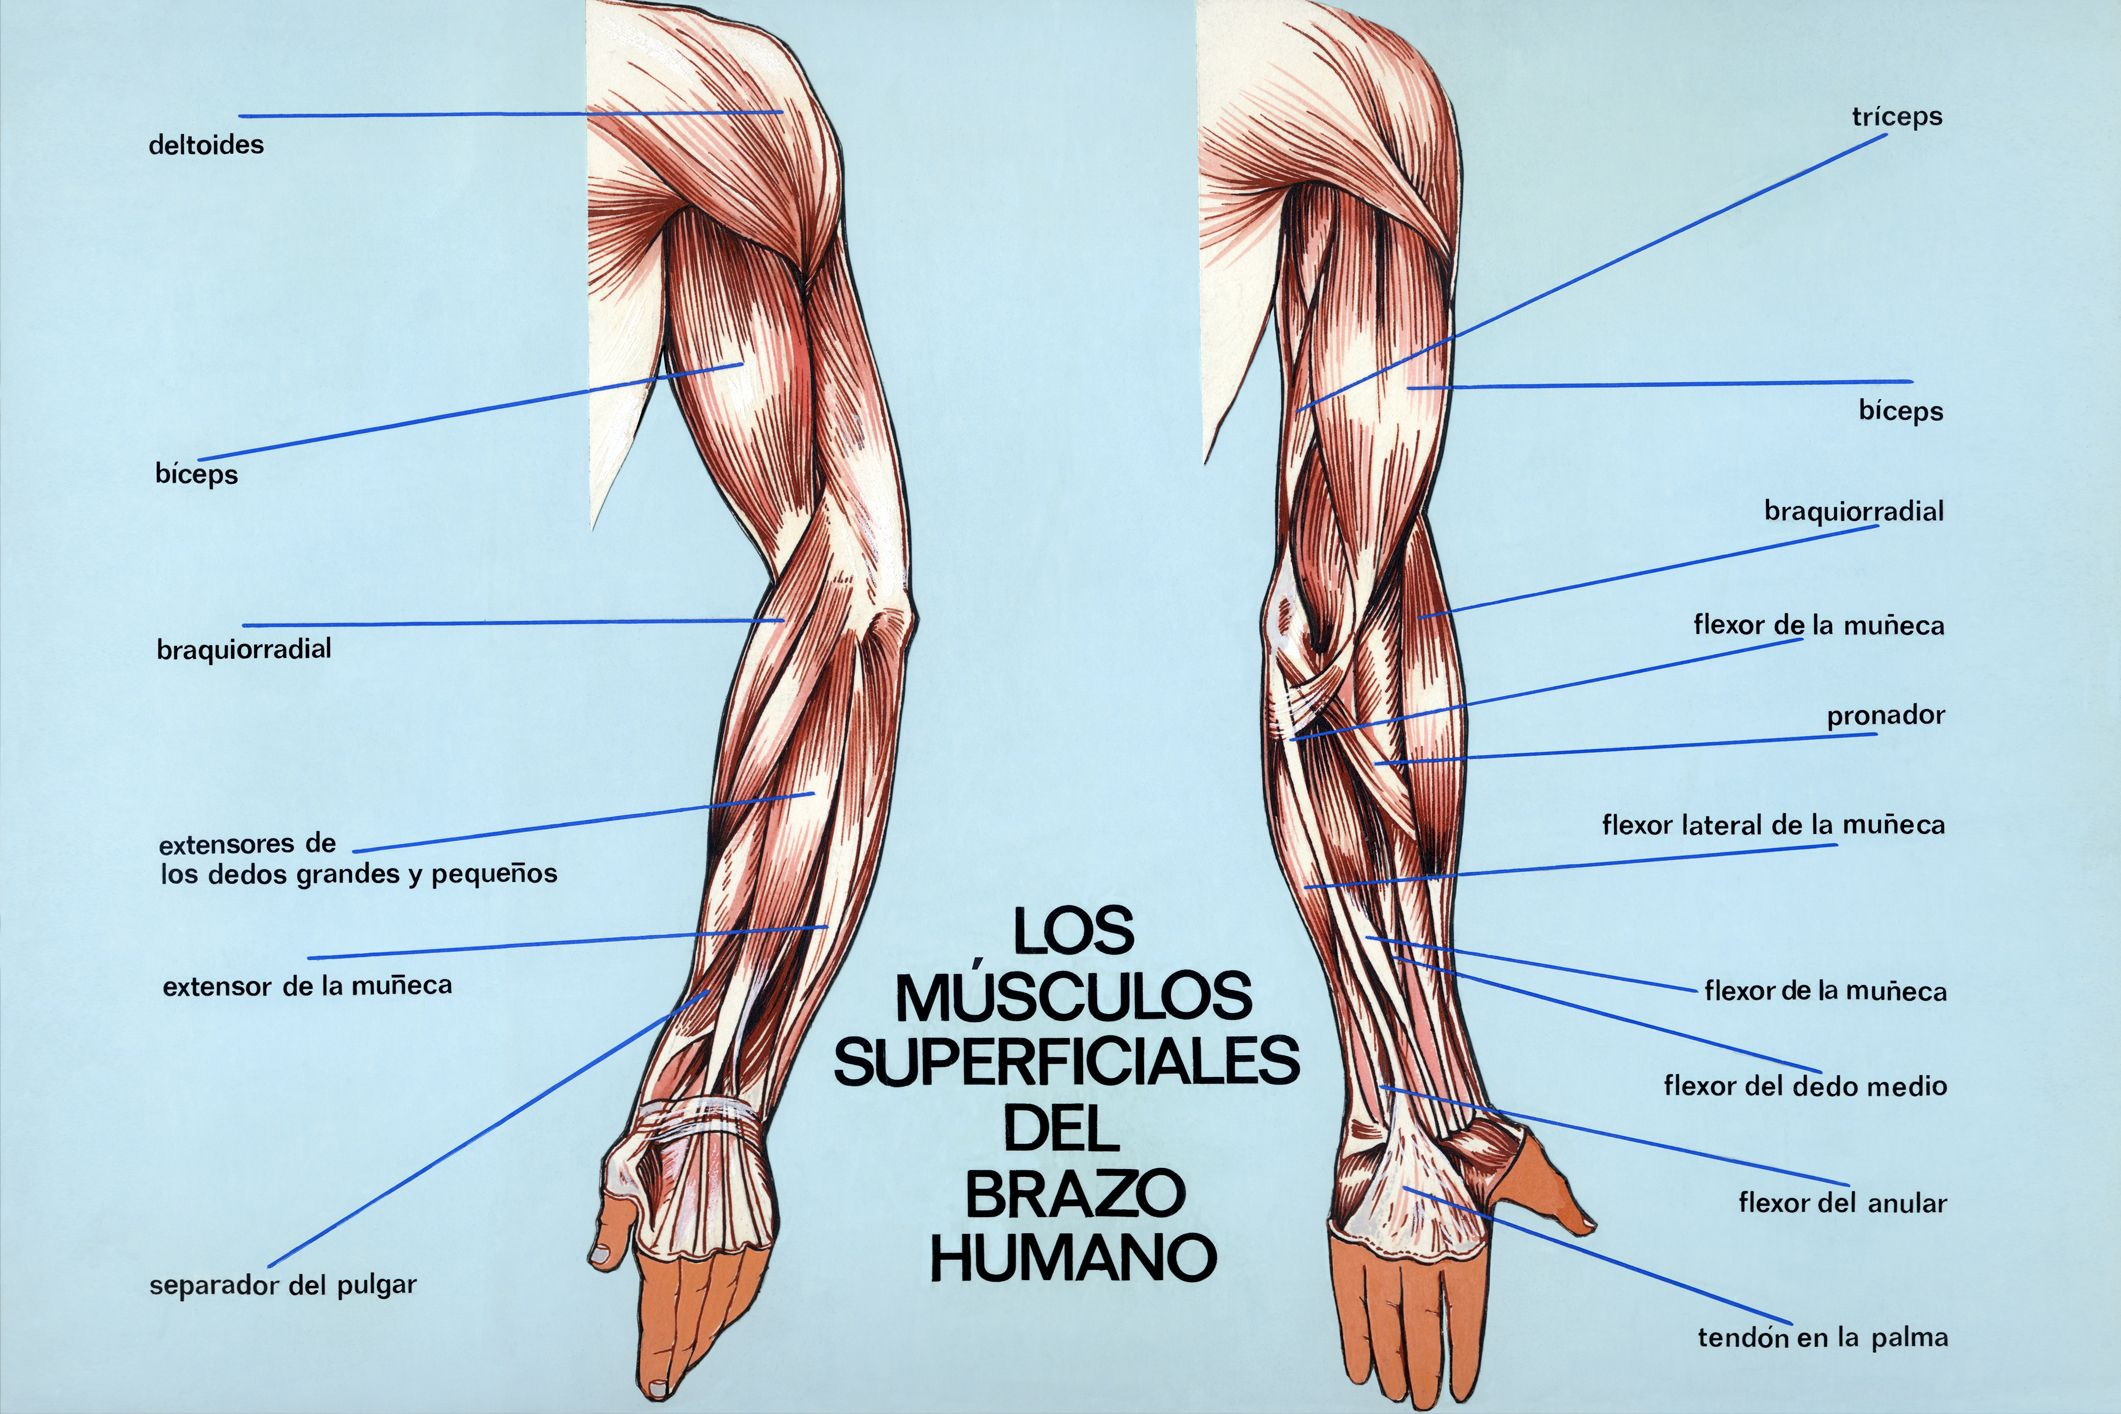 Músculos superficiales del brazo humano | Gym | Pinterest | Músculos ...